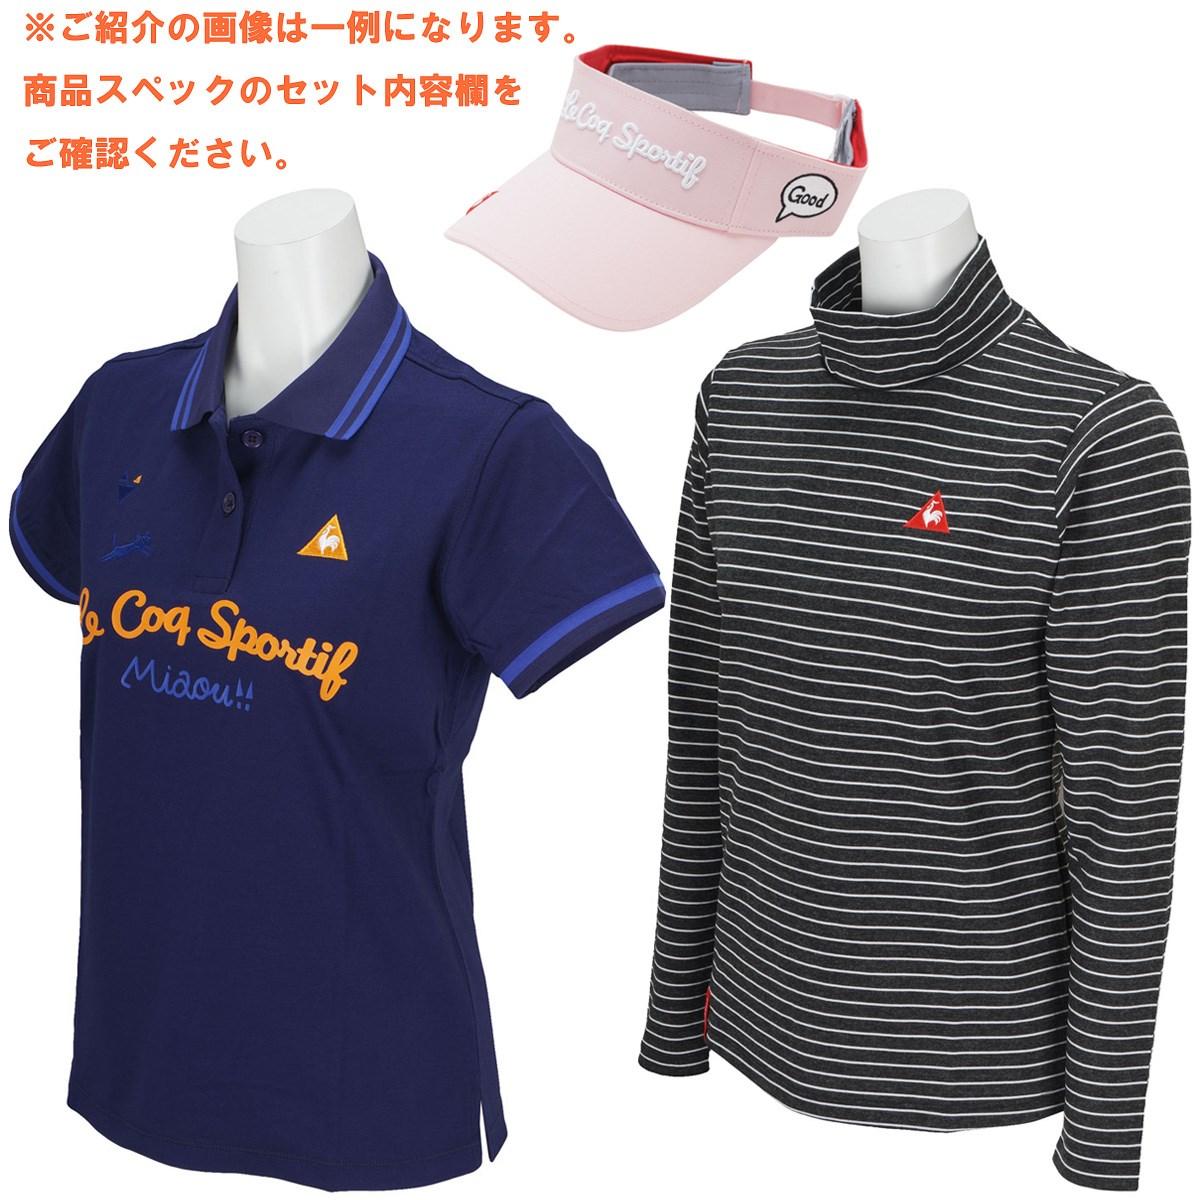 ルコックゴルフ Le coq sportif GOLF 2020年福袋 LL アソート レディス